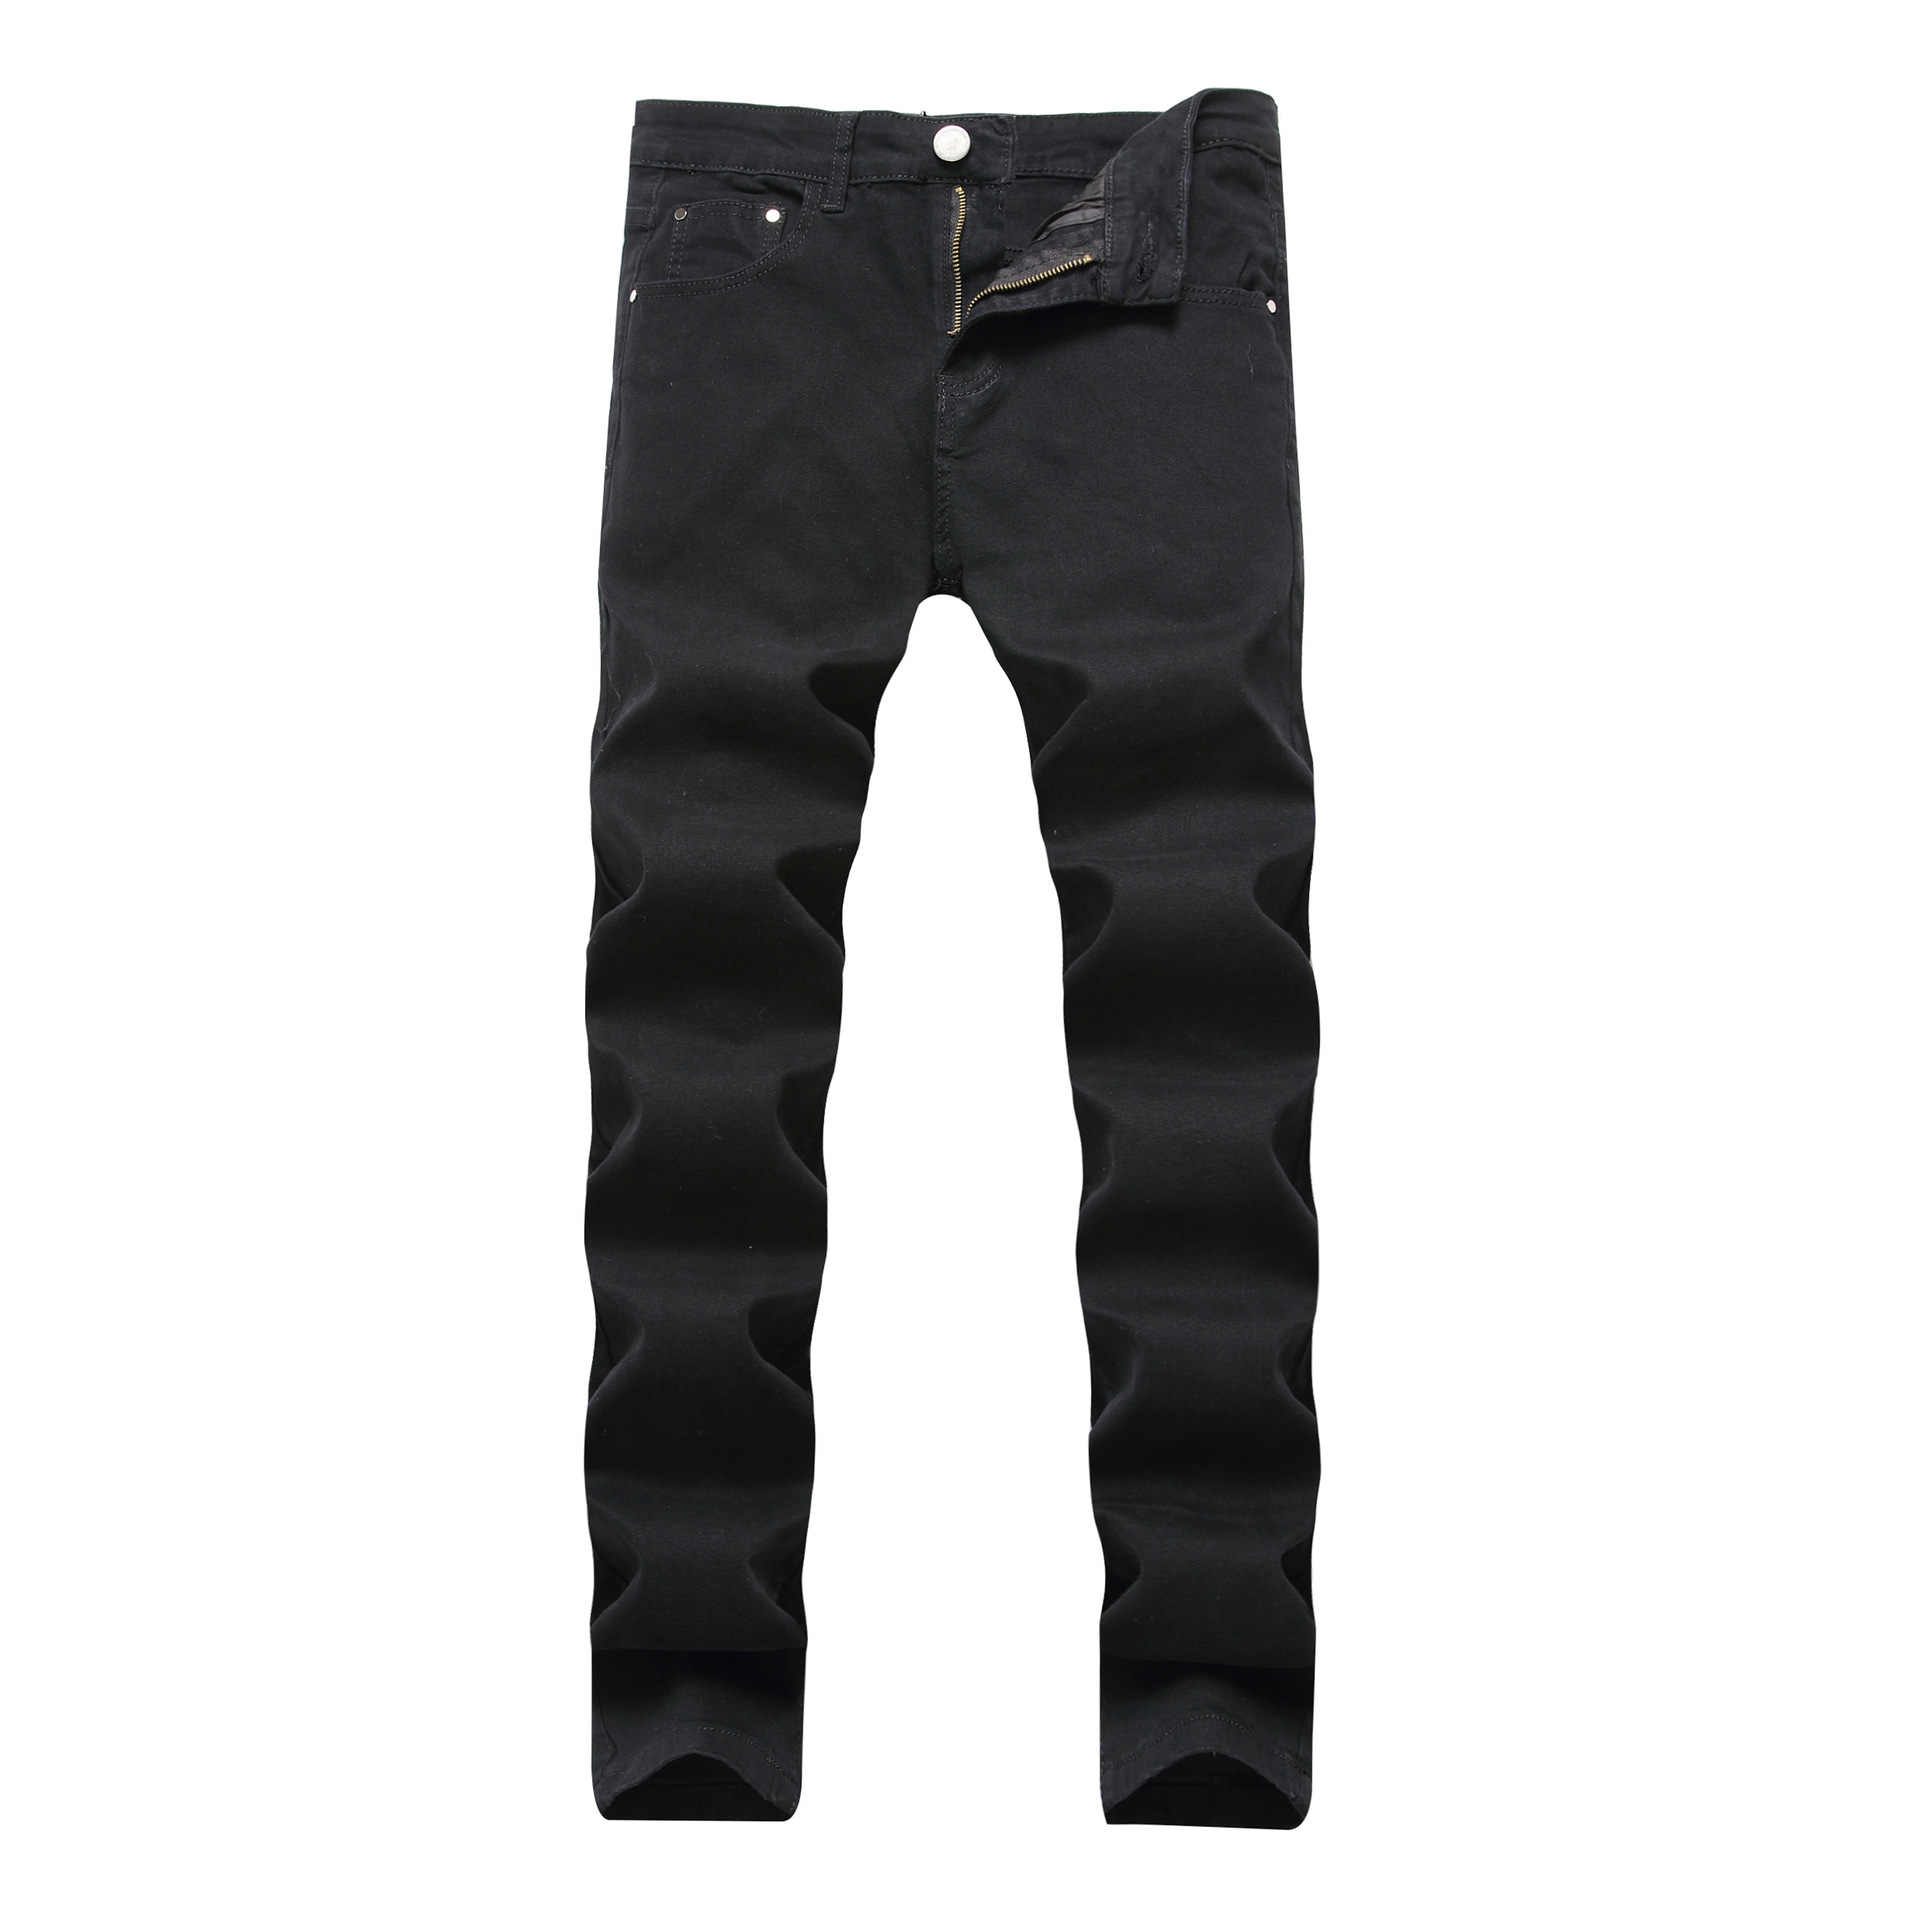 Для мужчин Байкер Джинсы для женщин Бизнес летние прямые Slim Fit синие джинсы стрейч джинсовые штаны Мотобрюки классический ковбой человек промывали Рваные джинсы